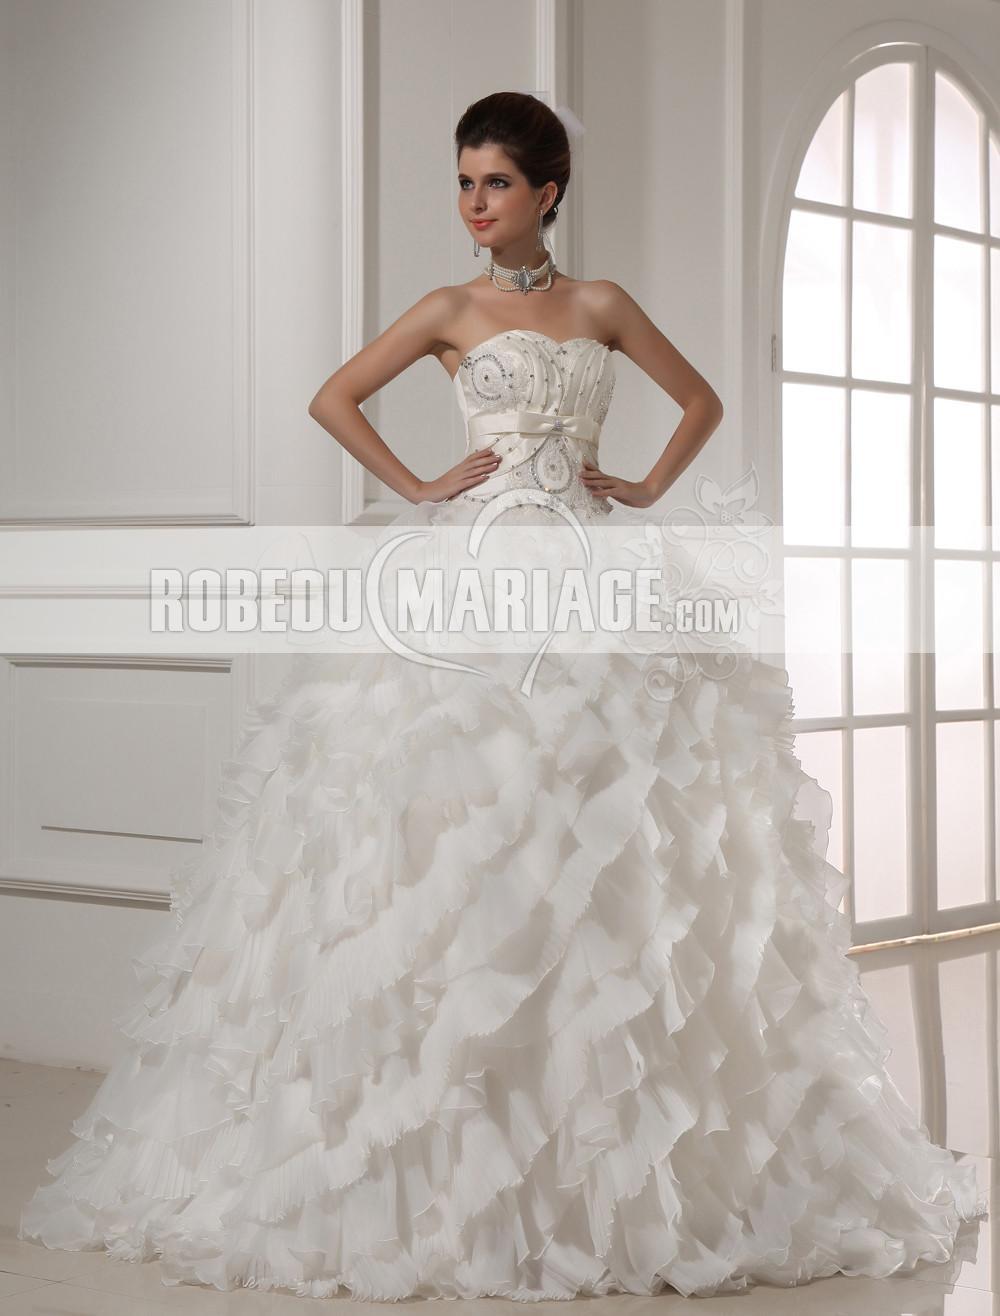 > Robe de mariage > Robe de mariée de luxe > Fantaisie robe de ...